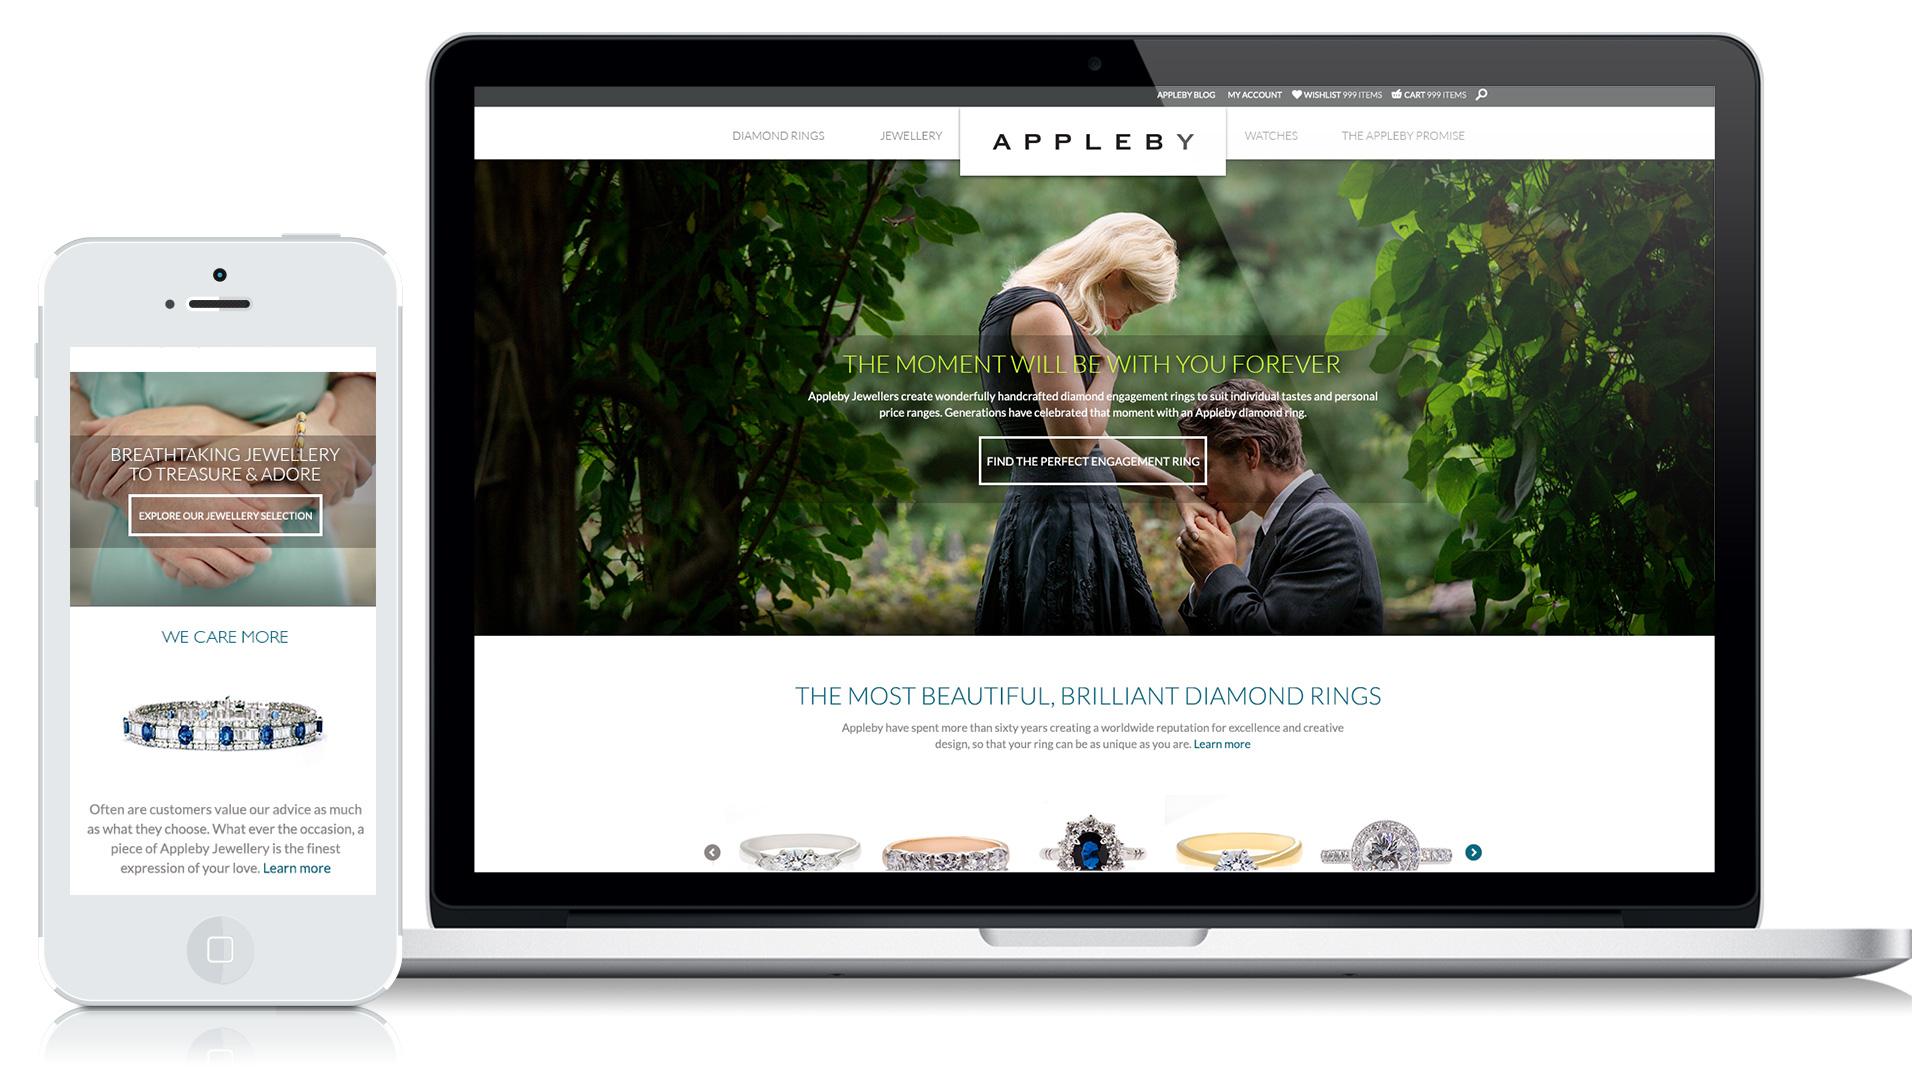 Appleby-website